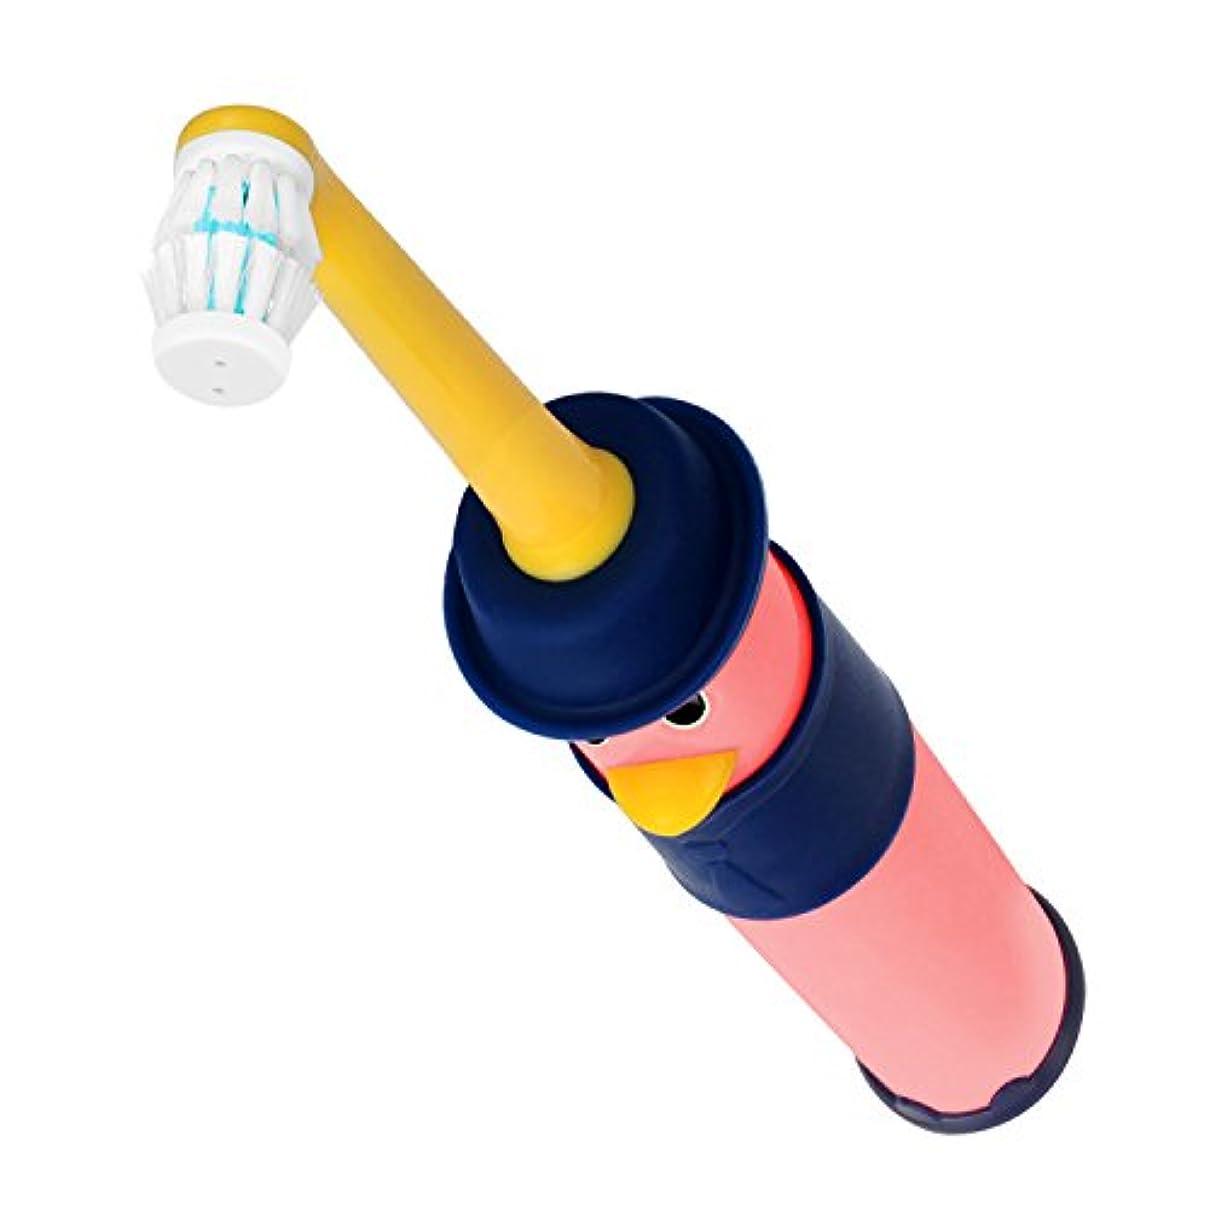 牛肉余計なファイアル電動歯ブラシ 子供用 YAFEELR かわいいキャラクター 360度右回り/左周り自由に回転で、自動切替対応 防水 国際特許所得 単3形アルカリ乾電池2個 ダブルメリットブラシです (3-6歳ピンク)